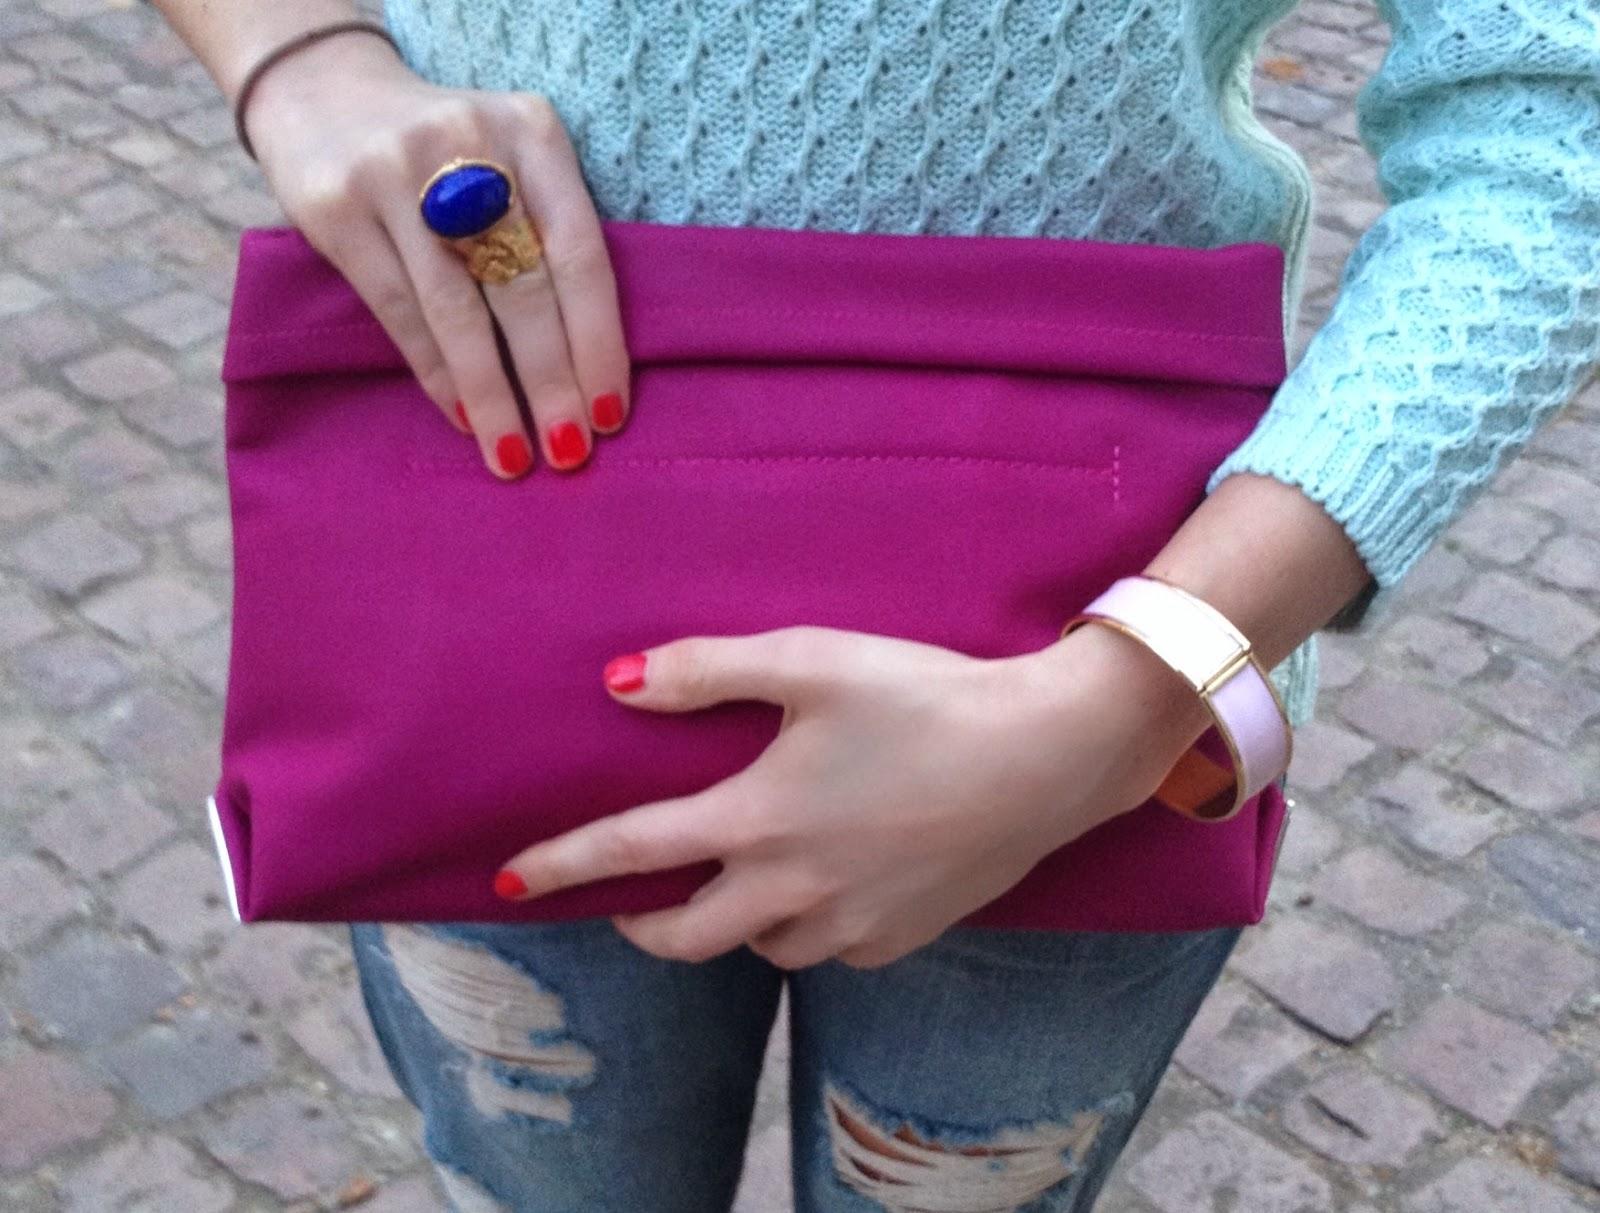 hermes style bracelet, hm bracelet, h&m bracelet, ysl ring, ysl arty ring, pink clutch